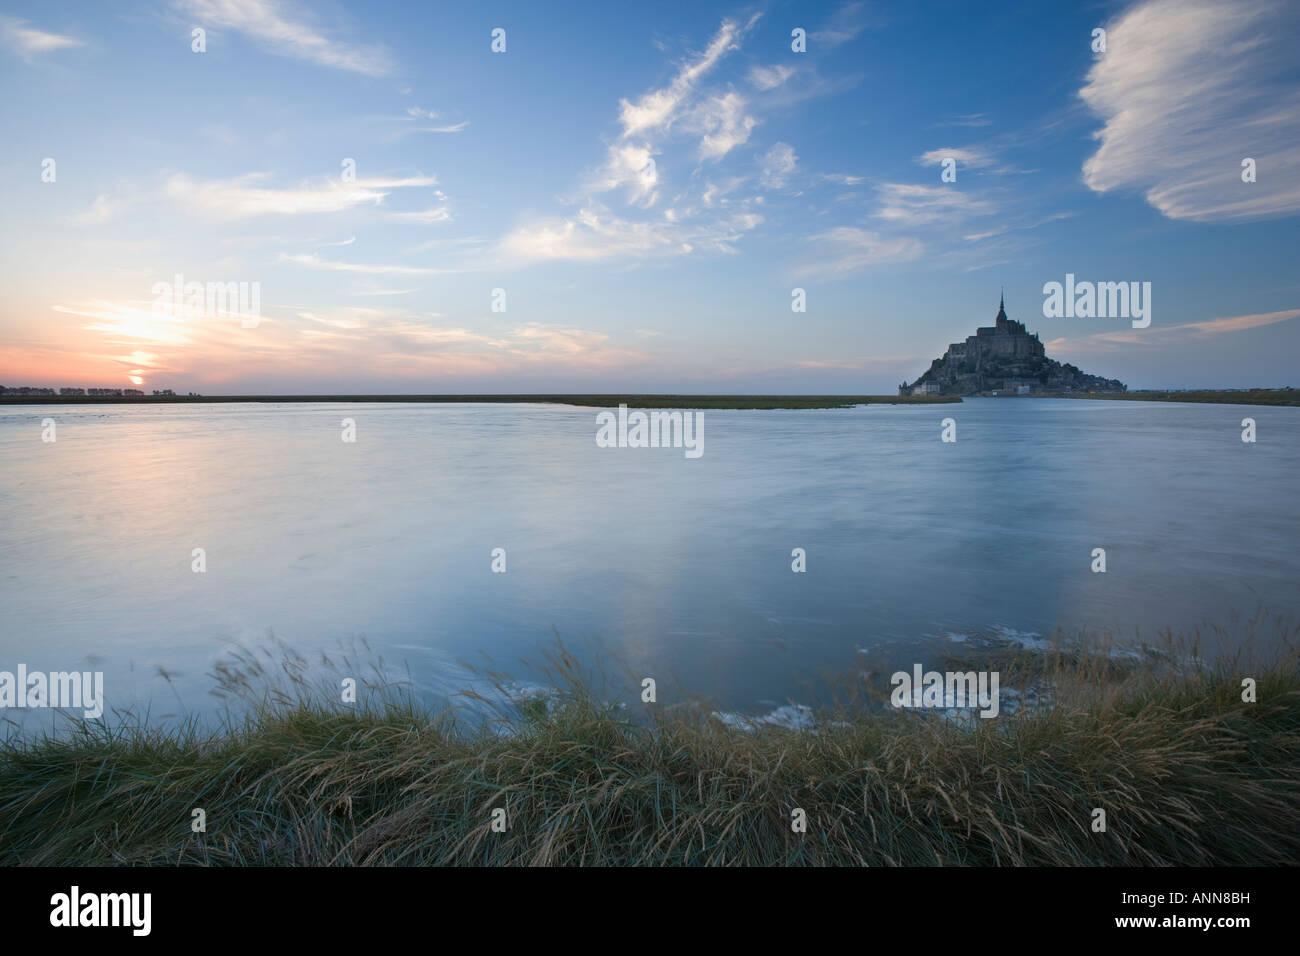 France Normandy Mont Saint-Michel - Stock Image